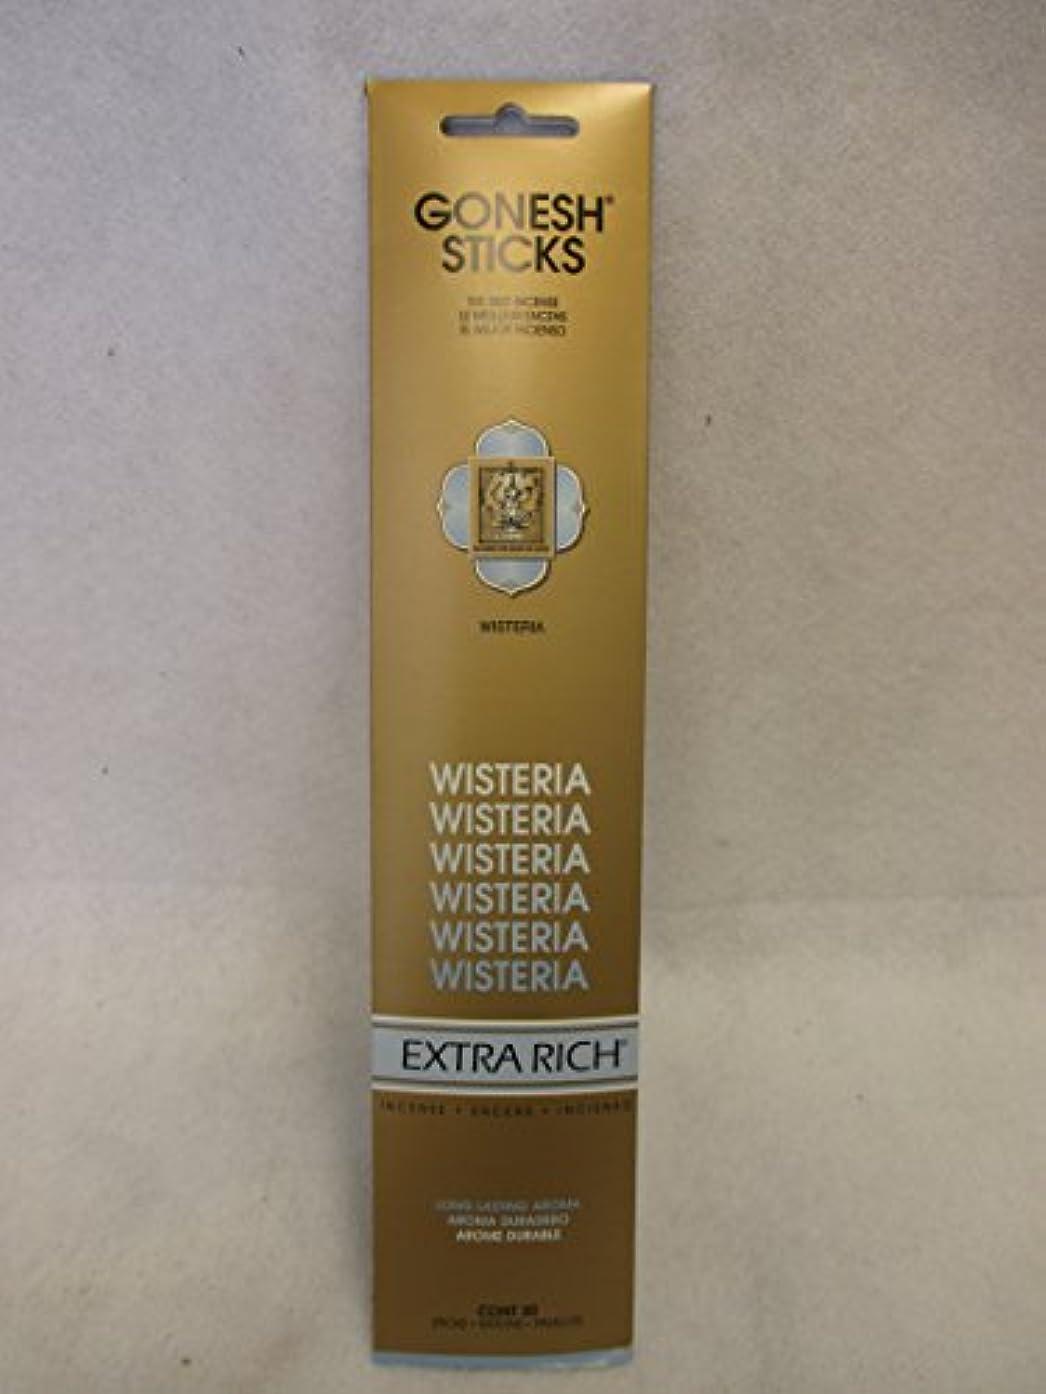 ヘリコプター組み合わせ助けになるGonesh Extra Rich Incense Sticks Wisteria 12パックof 20 ( 240 Count )